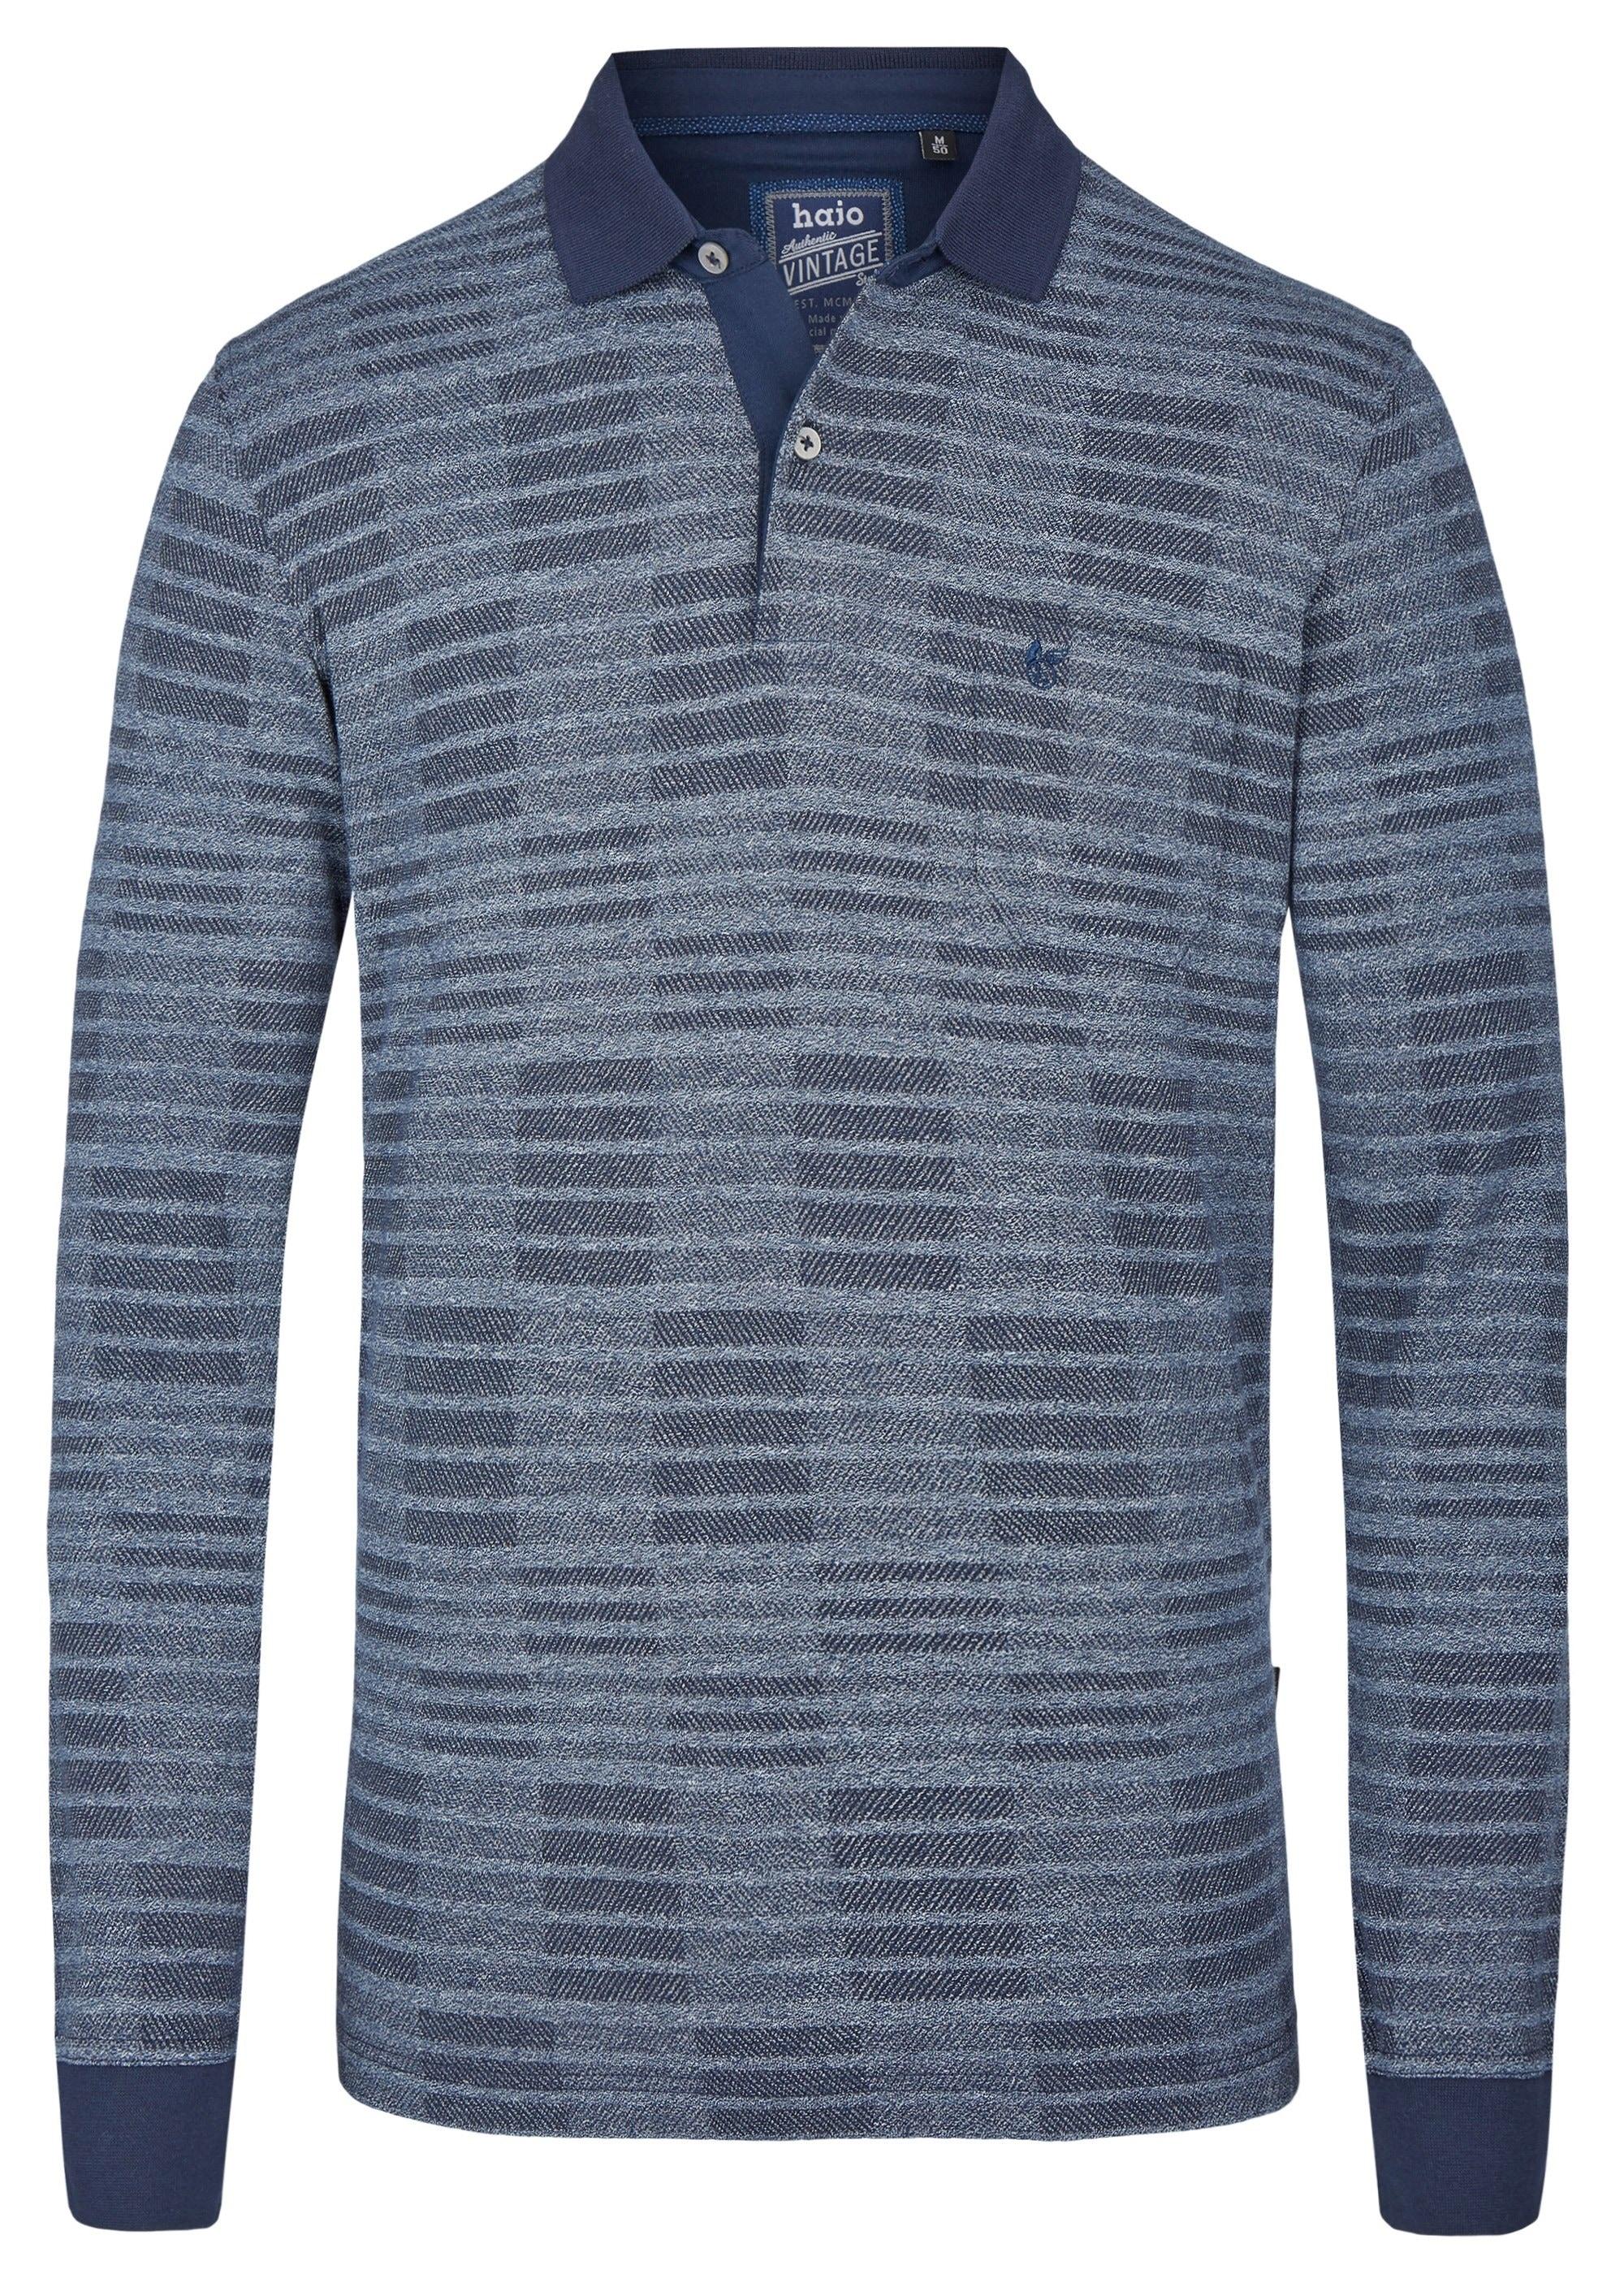 Hajo Stay Fresh Poloshirt mit Brusttasche bestellen » BAUR